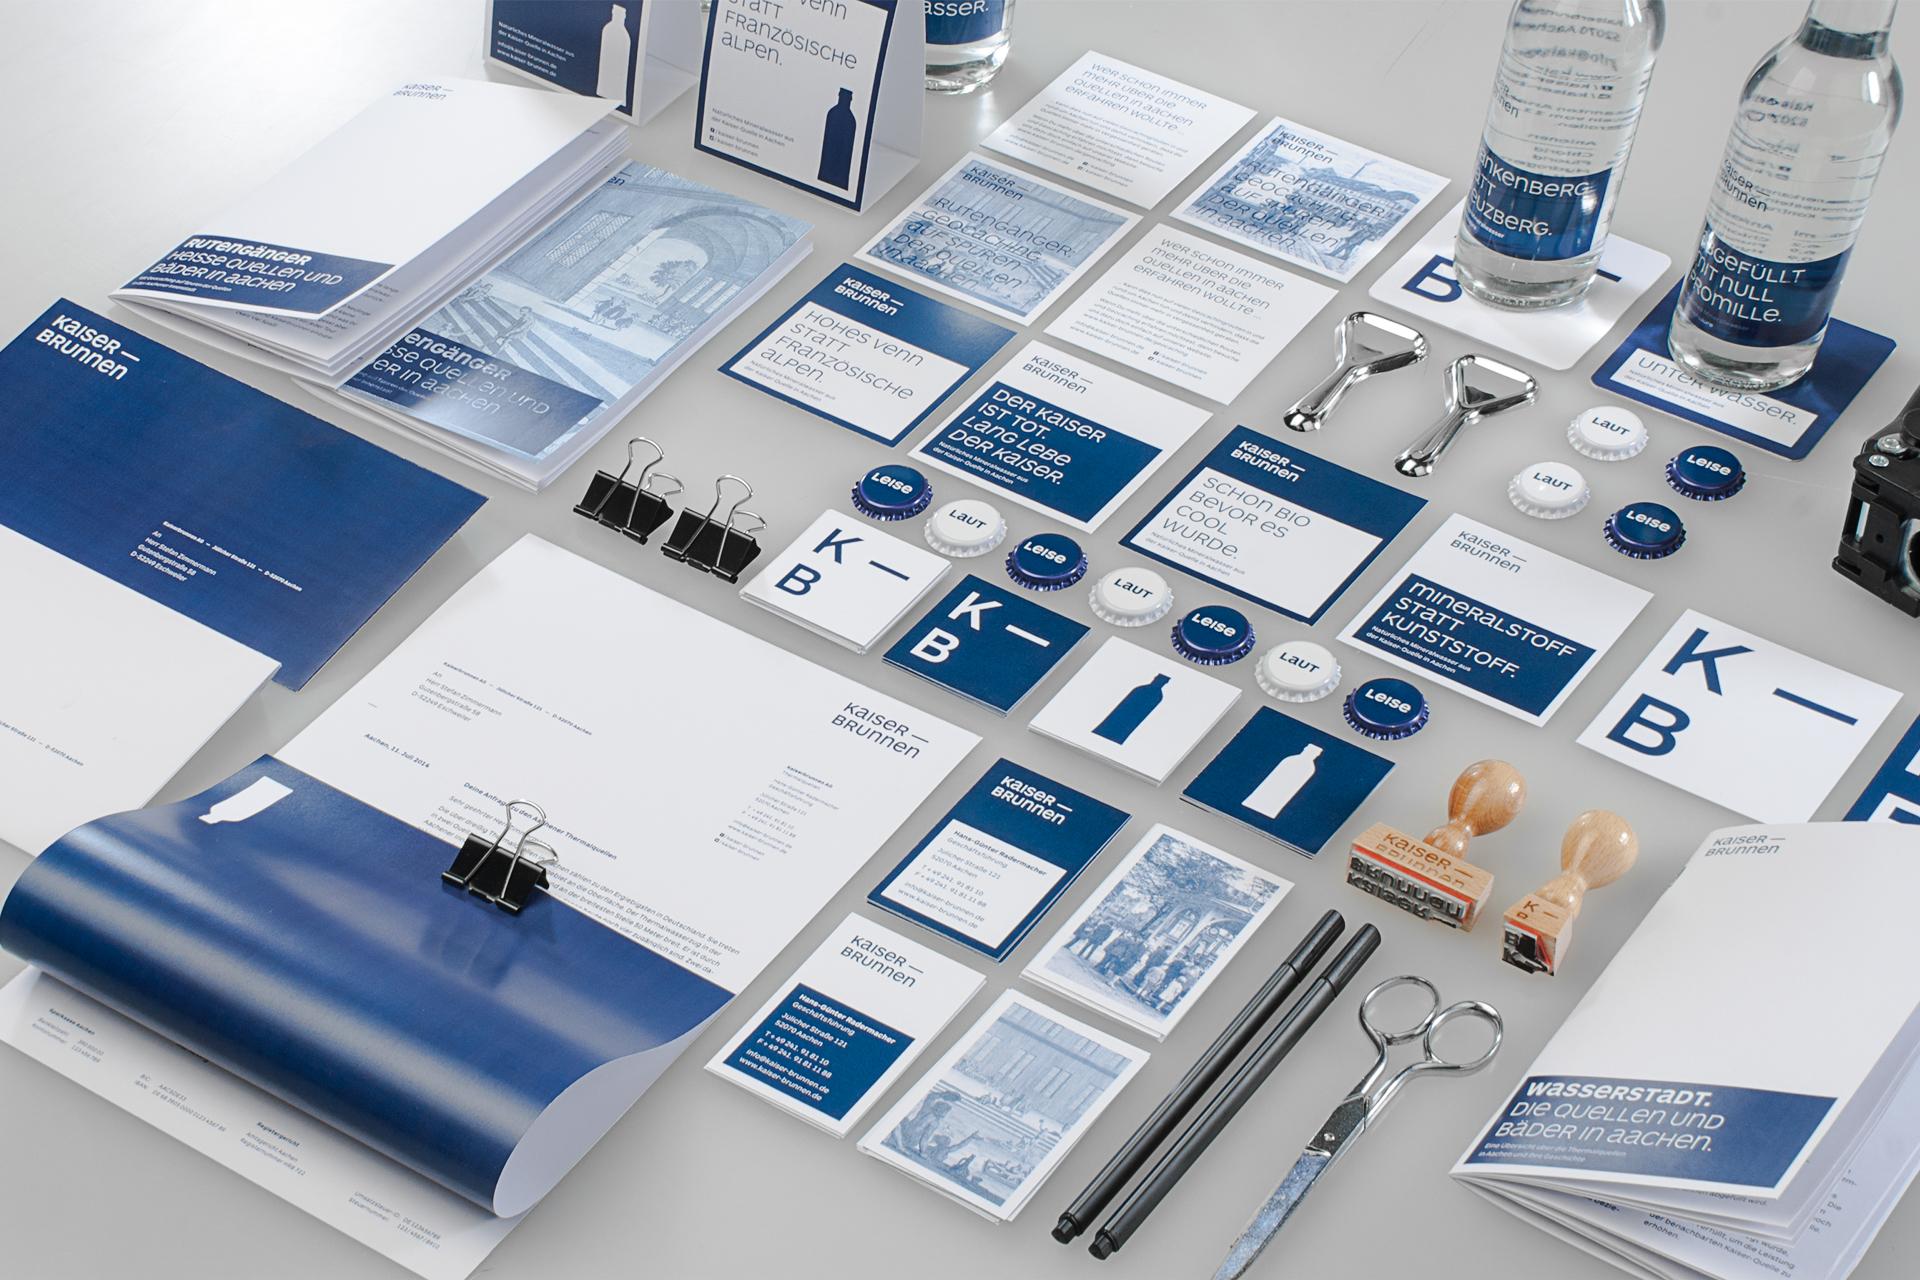 Wasserzeichen – Kommunikations- und Produktdesign für den Aachener Kaiserbrunnen